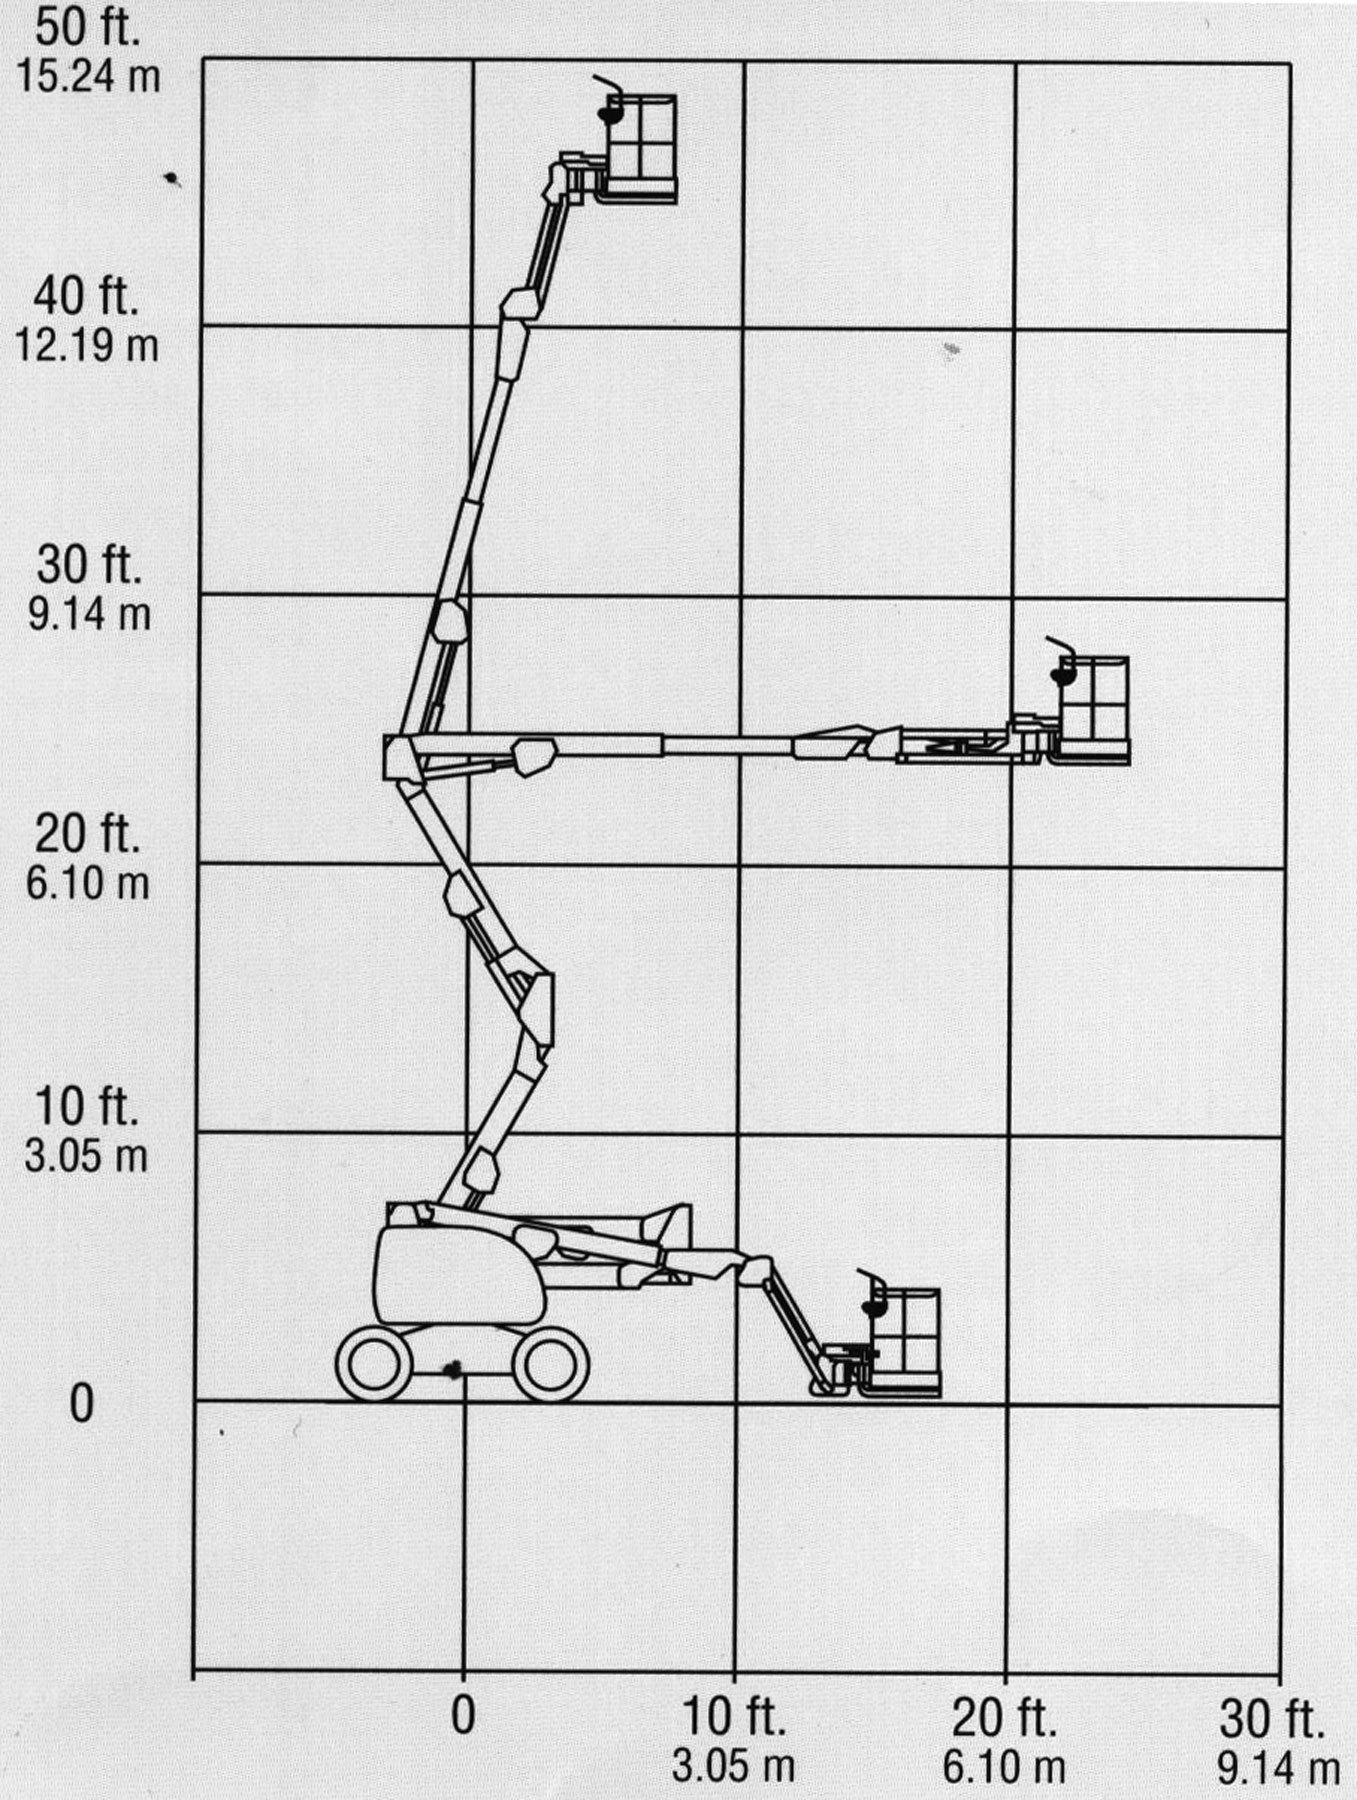 4-4-16m-graphic